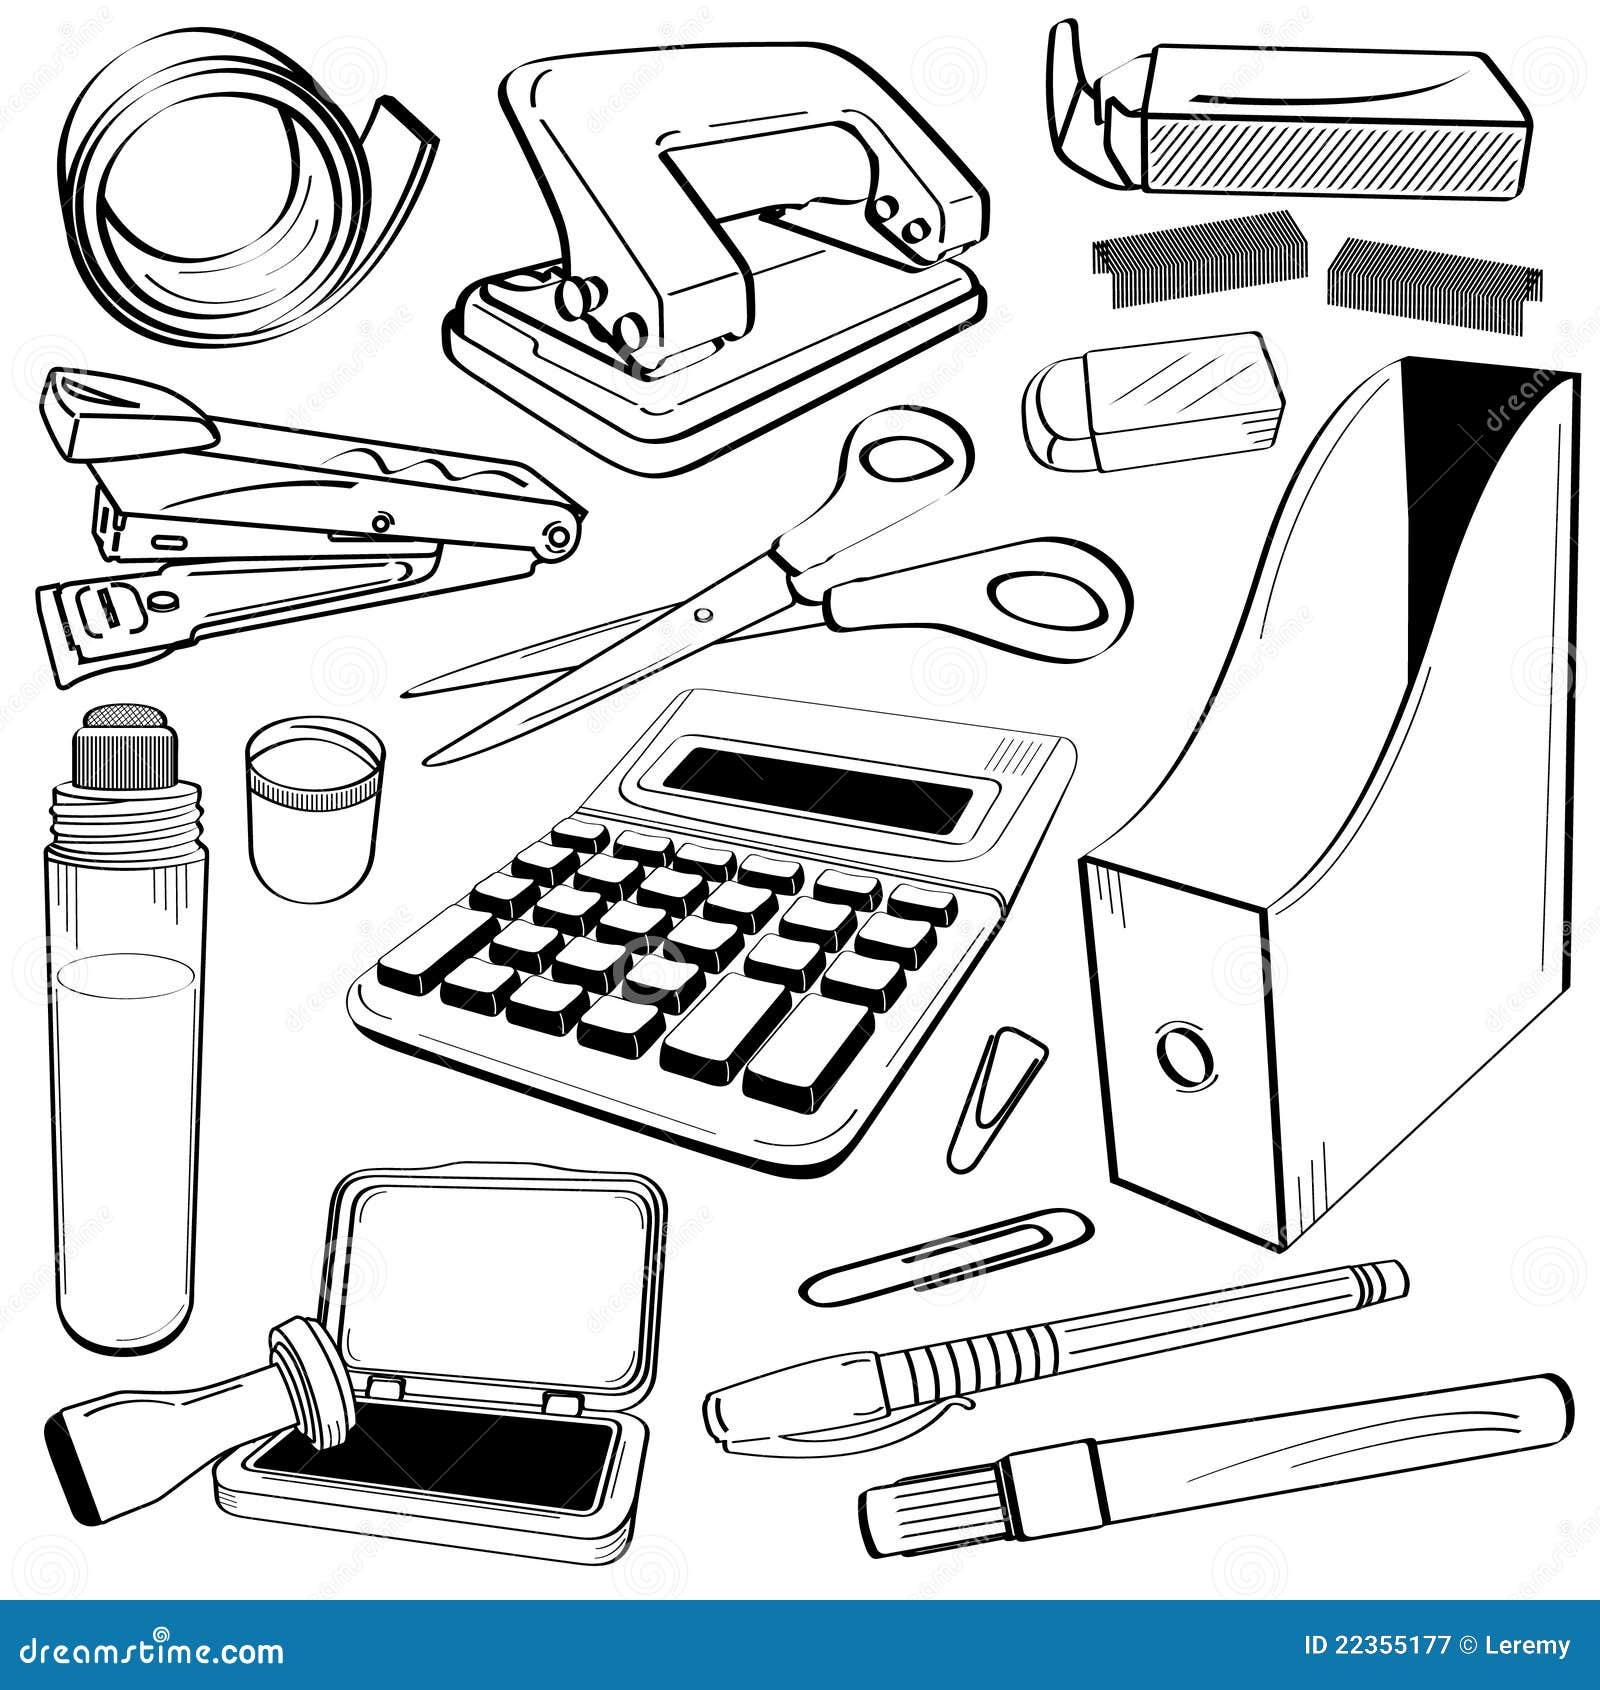 乱画办公室文教用品工具